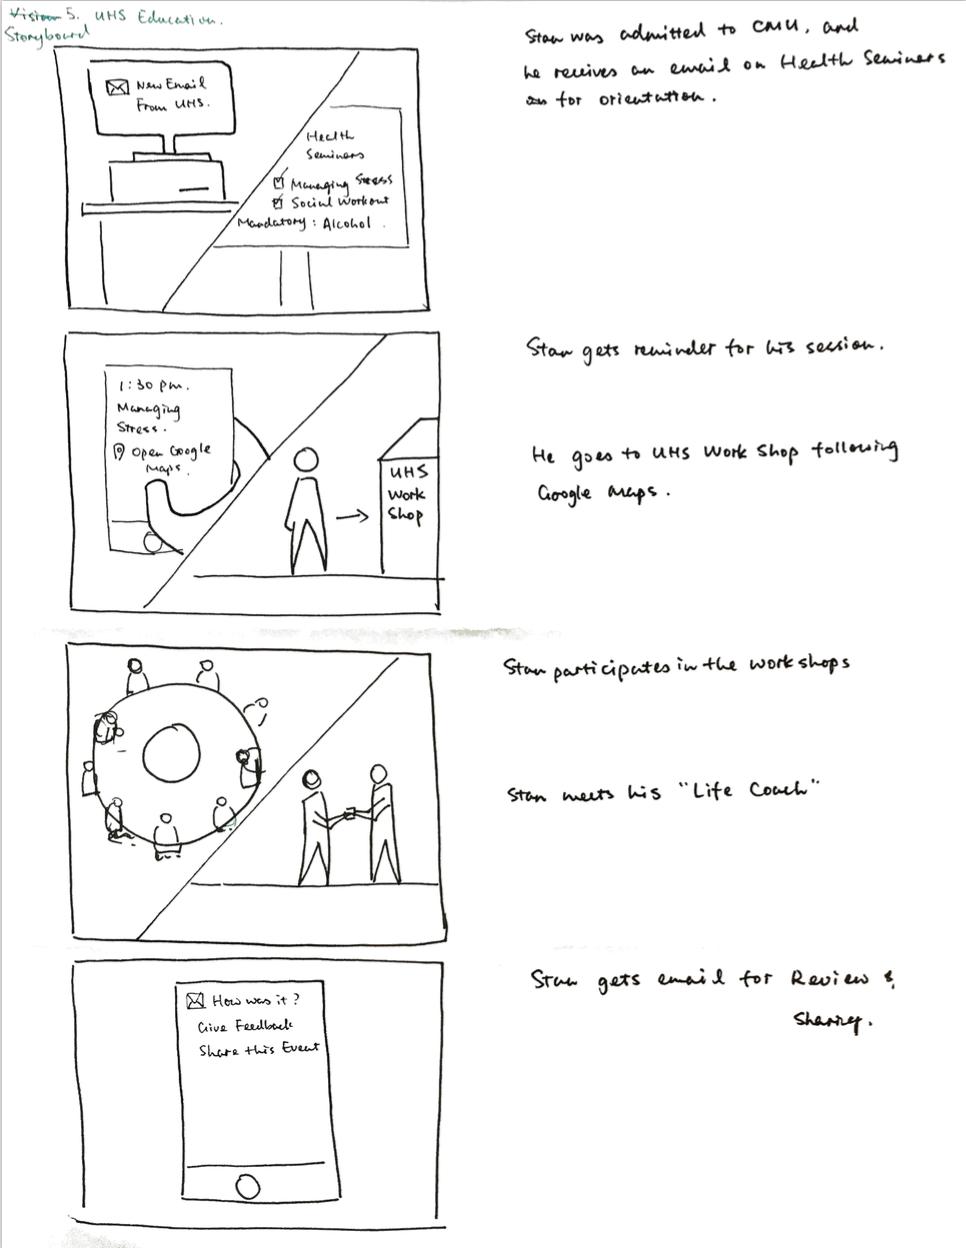 storyboard-5.png